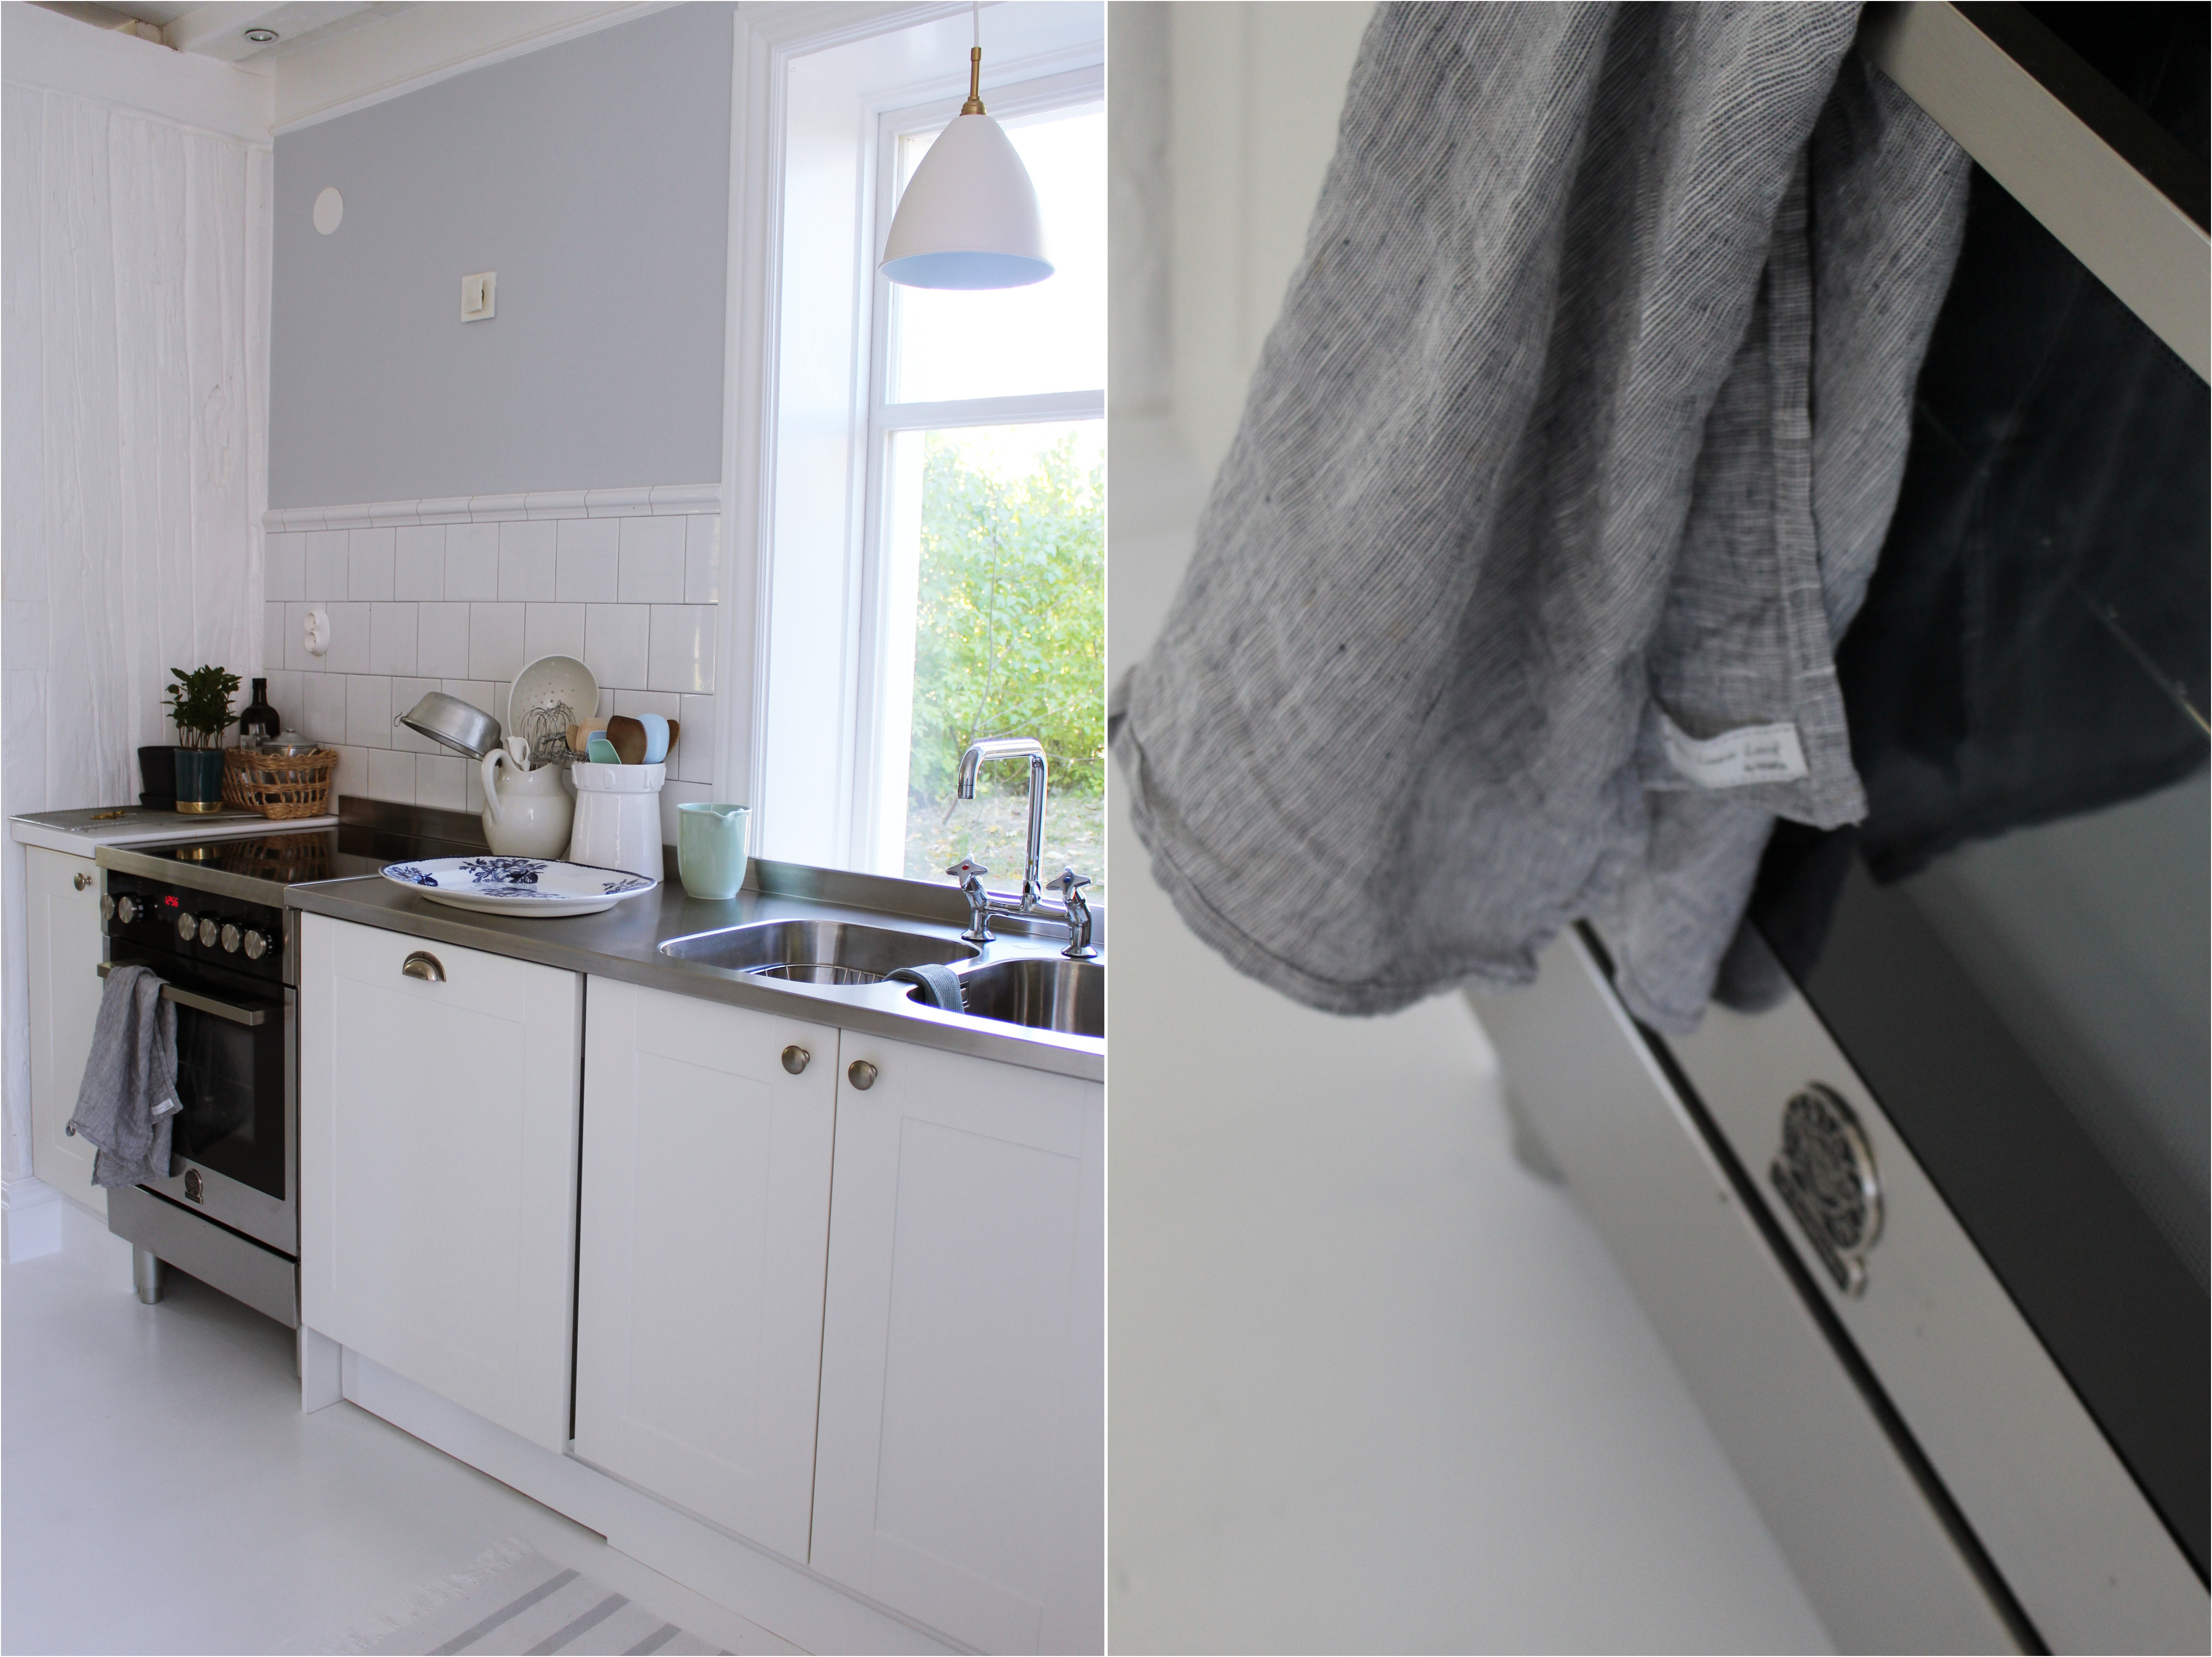 Ny lampa till köket och fredagsfeeling på topp! - Julia K - Metro Mode